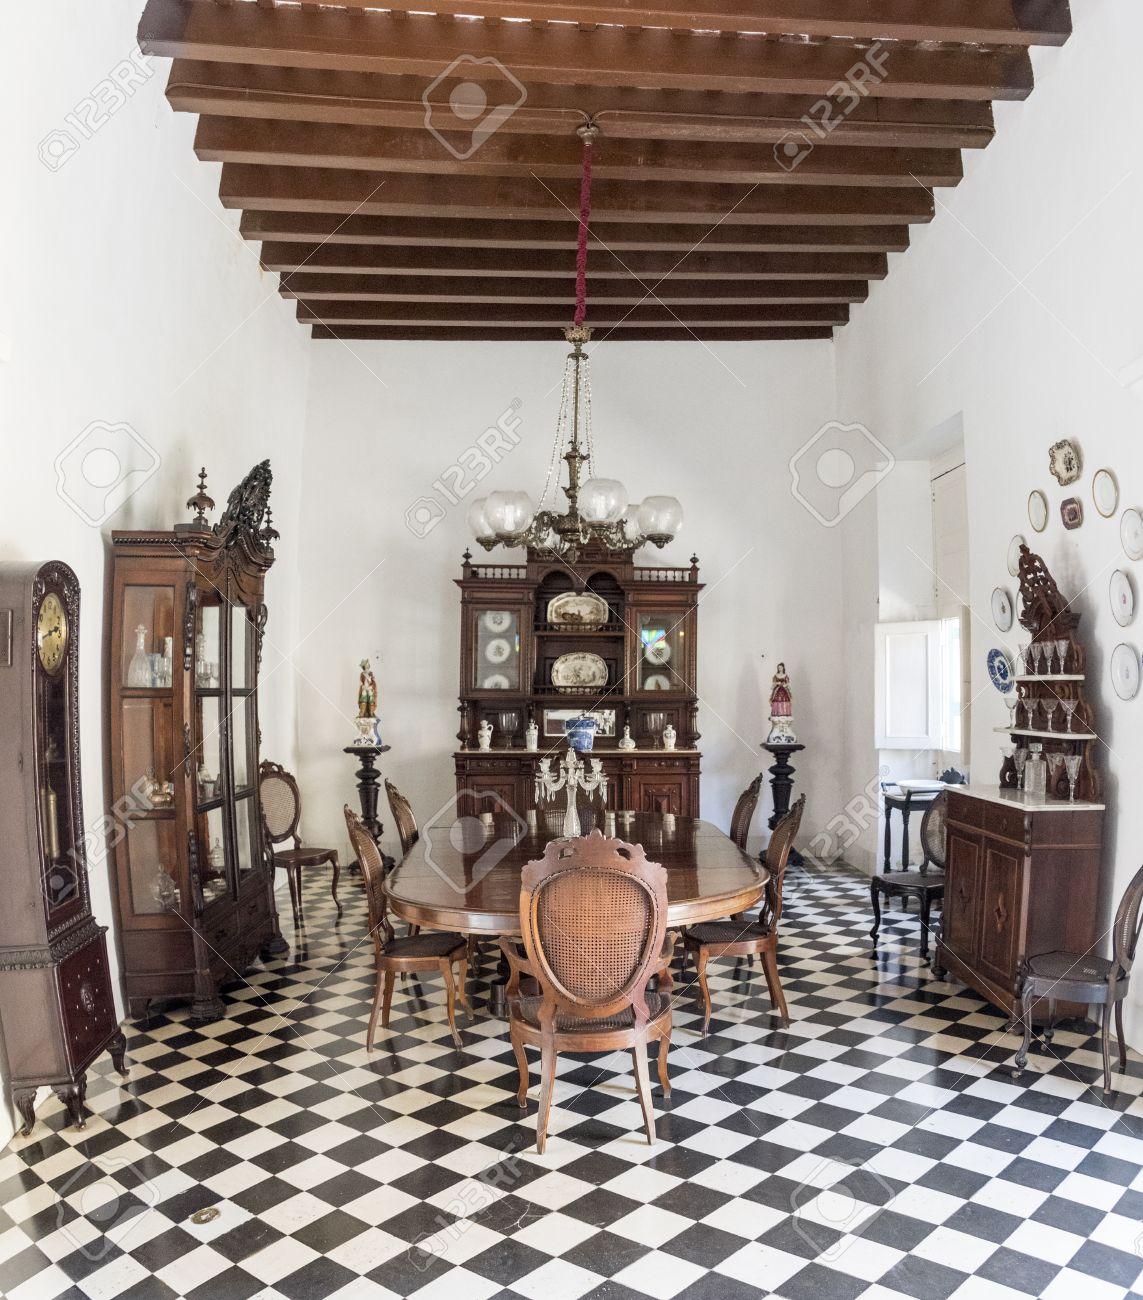 El salón comedor en el Museo de Arte Colonial, Sancti Spiritus, Cuba. Mesa  de comedor de madera, armarios para el almacenamiento de vajilla y reloj de  ...